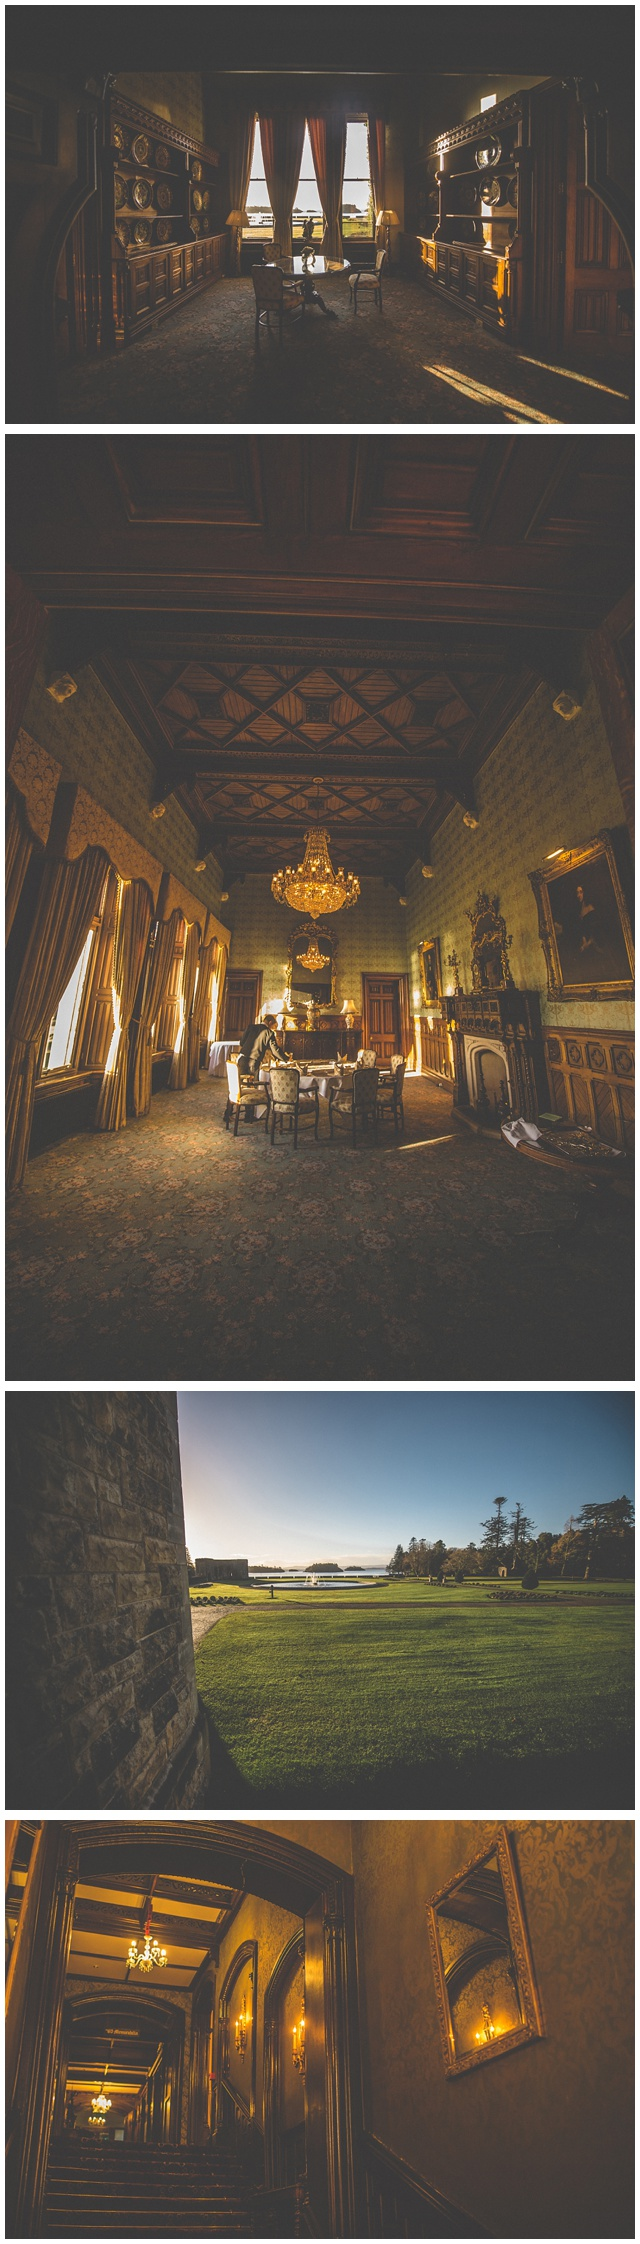 Ashford castle wedding